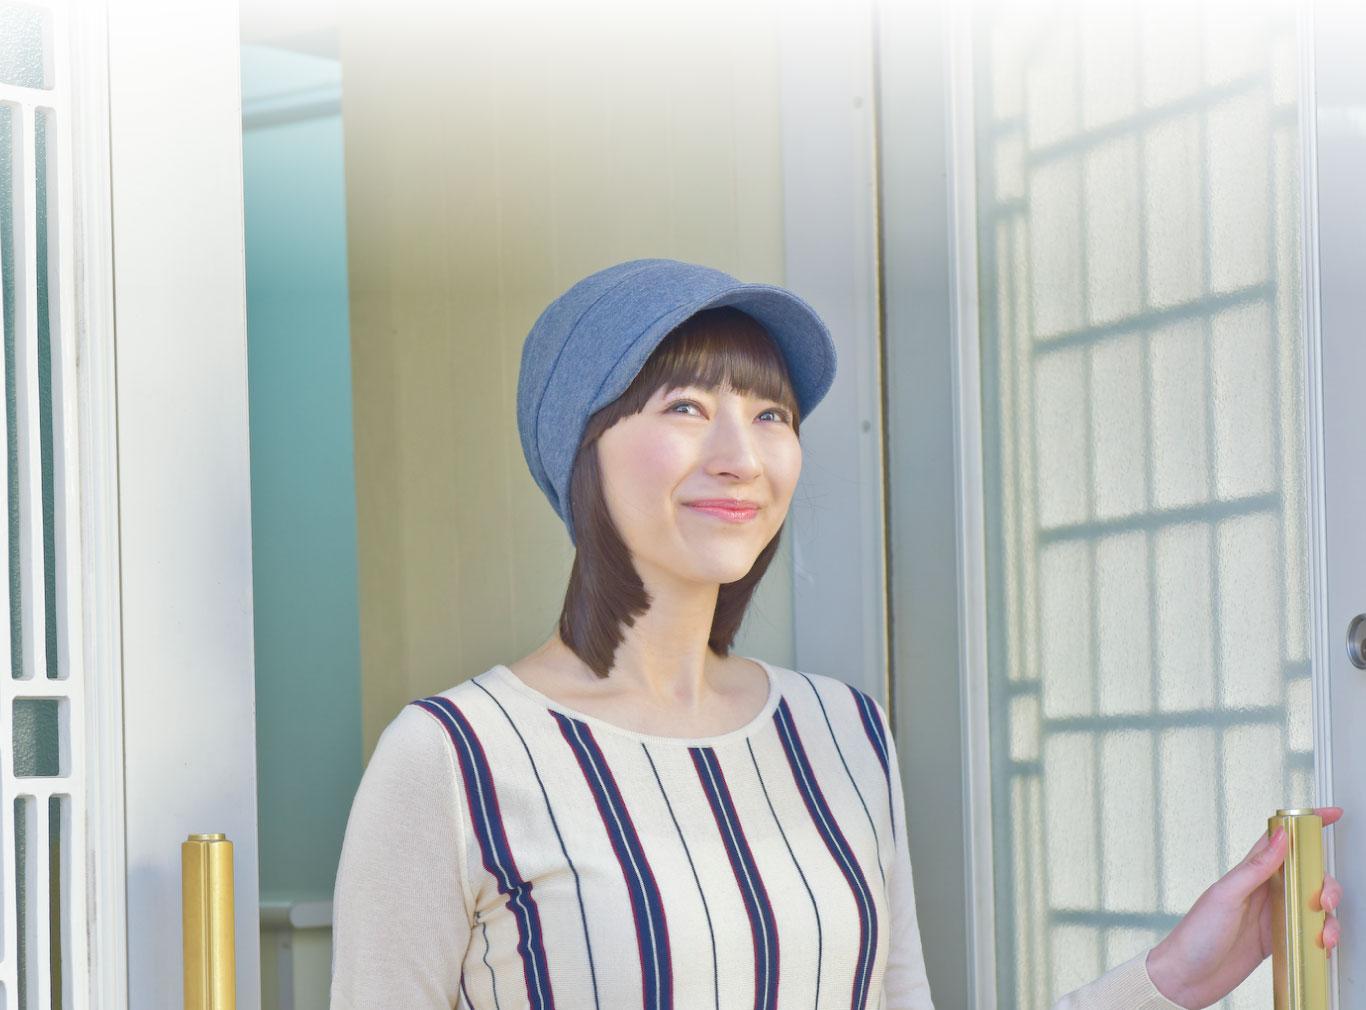 外出用にぴったりのオーガニックコットン100%のキャスケットと髪付き帽子のセット